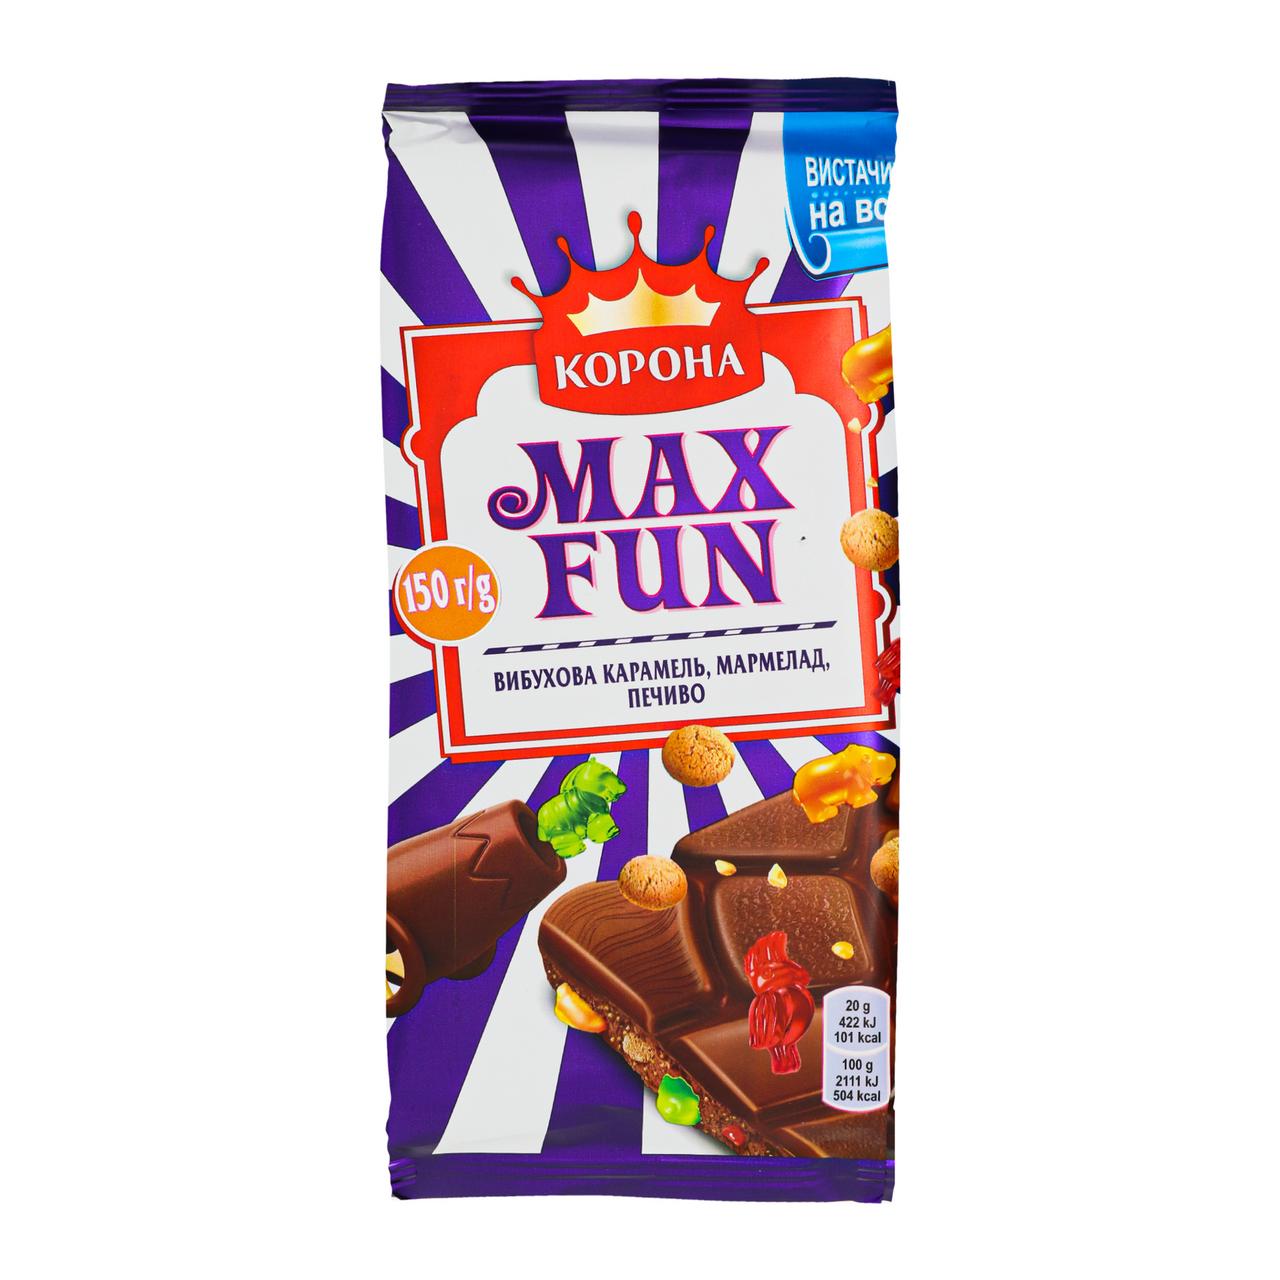 Шоколад Корона Max Fun Вибухов карамель-мармелад-печиво 150г